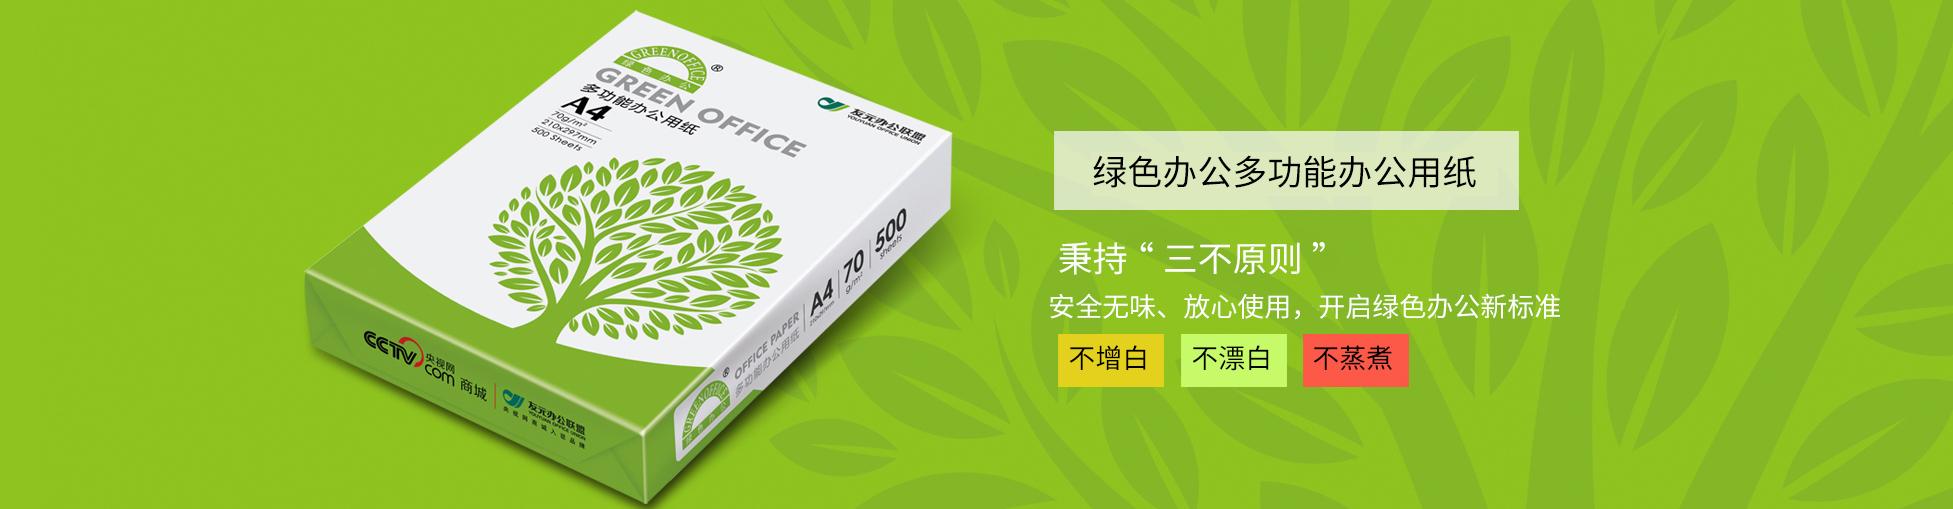 绿色办公banner